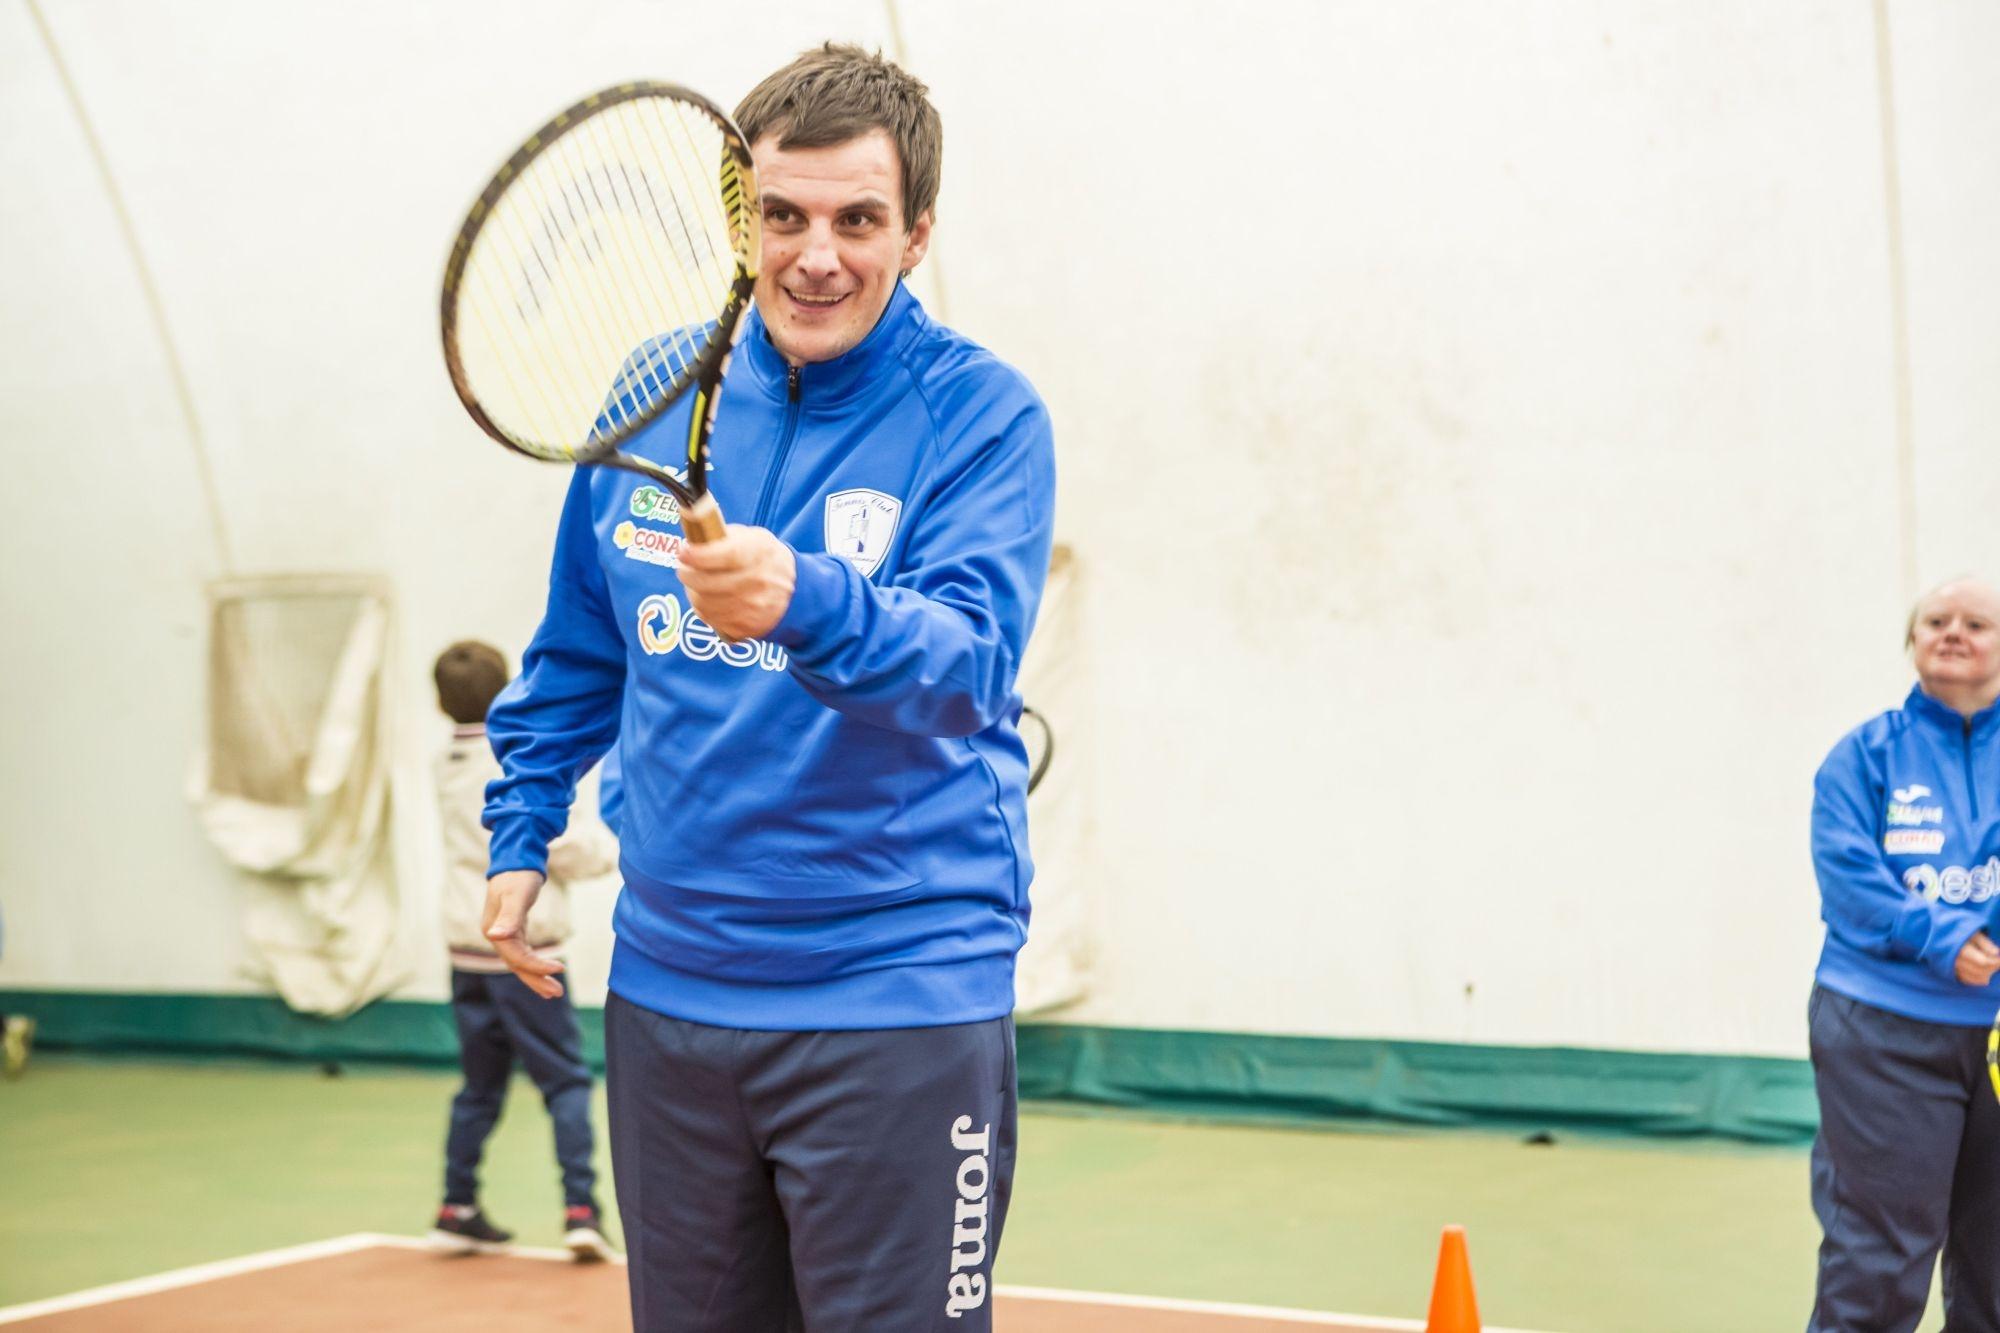 'Viva il Tennis', dallo sport un progetto di inclusione sociale